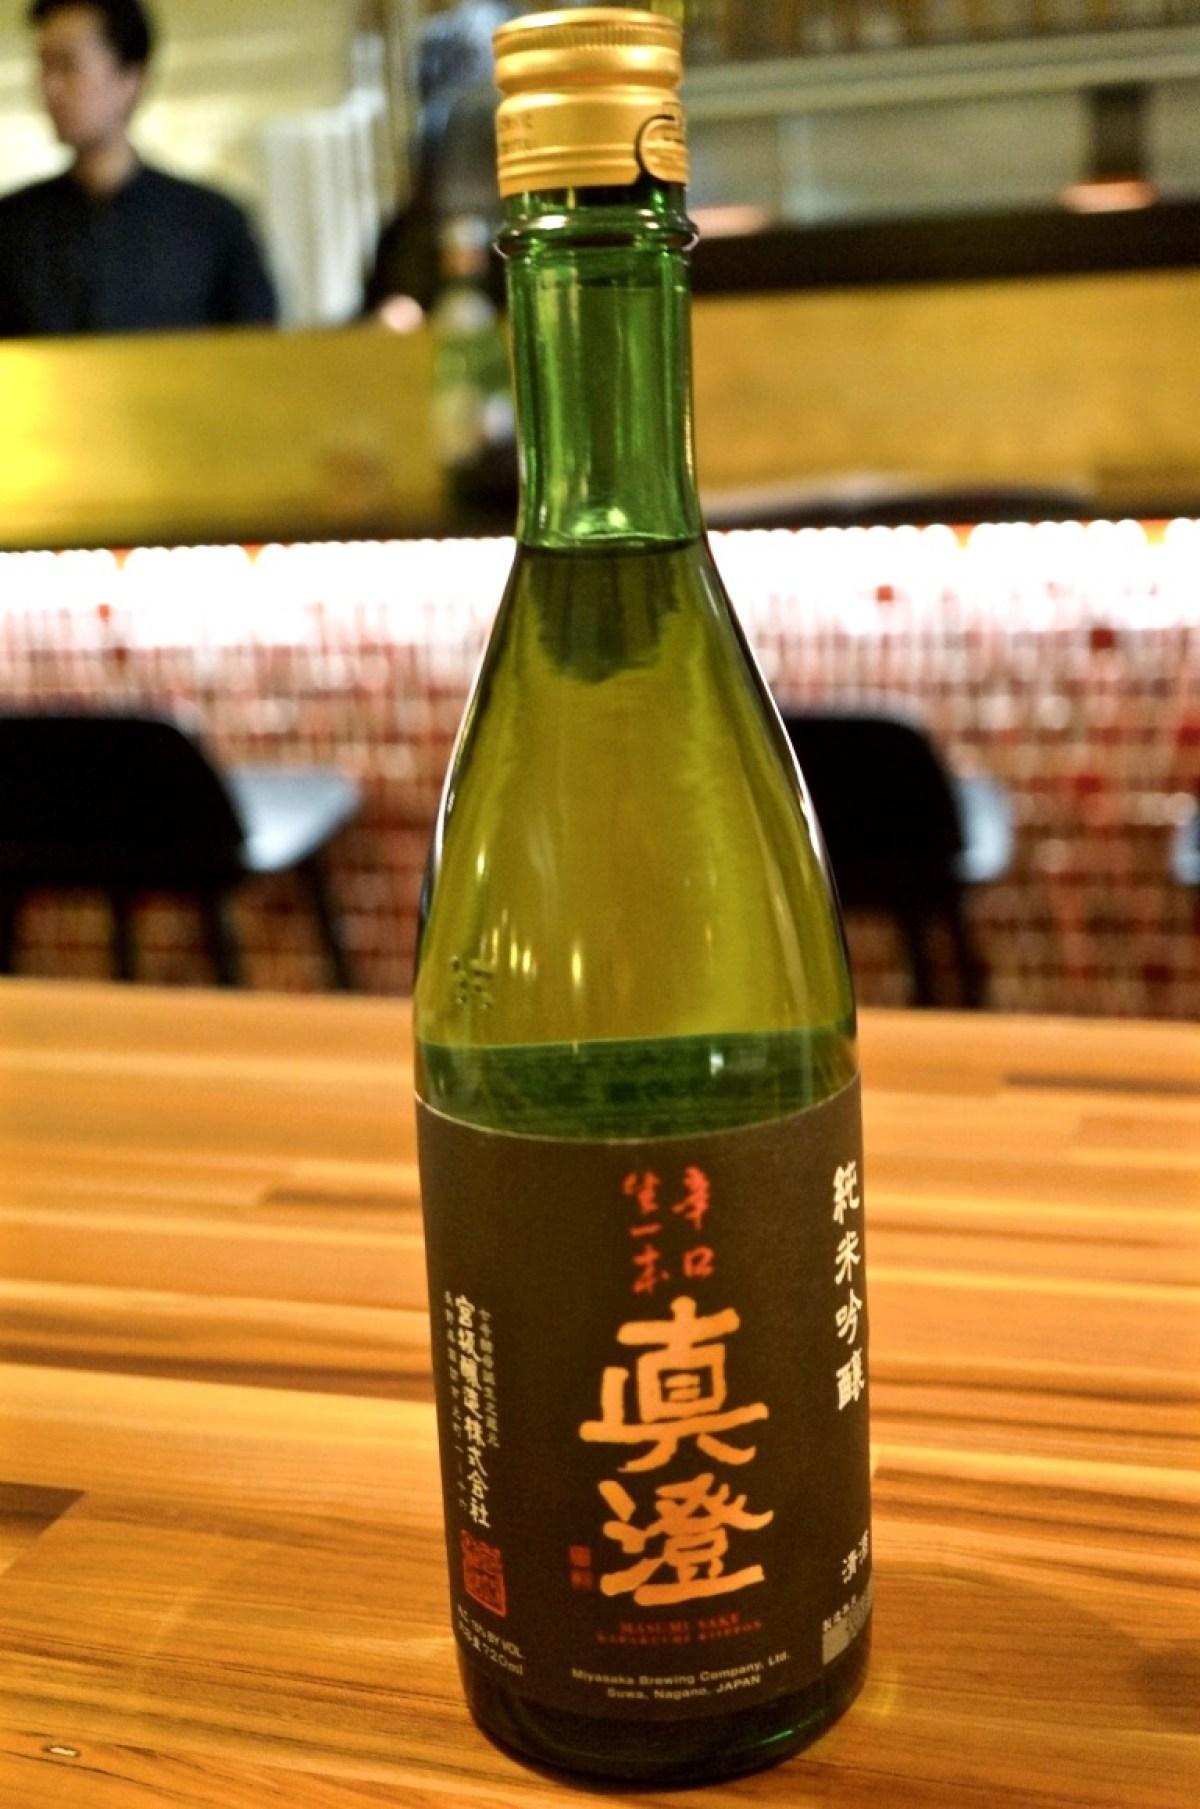 Sake: Masumi Karukuchi Ki-ippon, Suwa